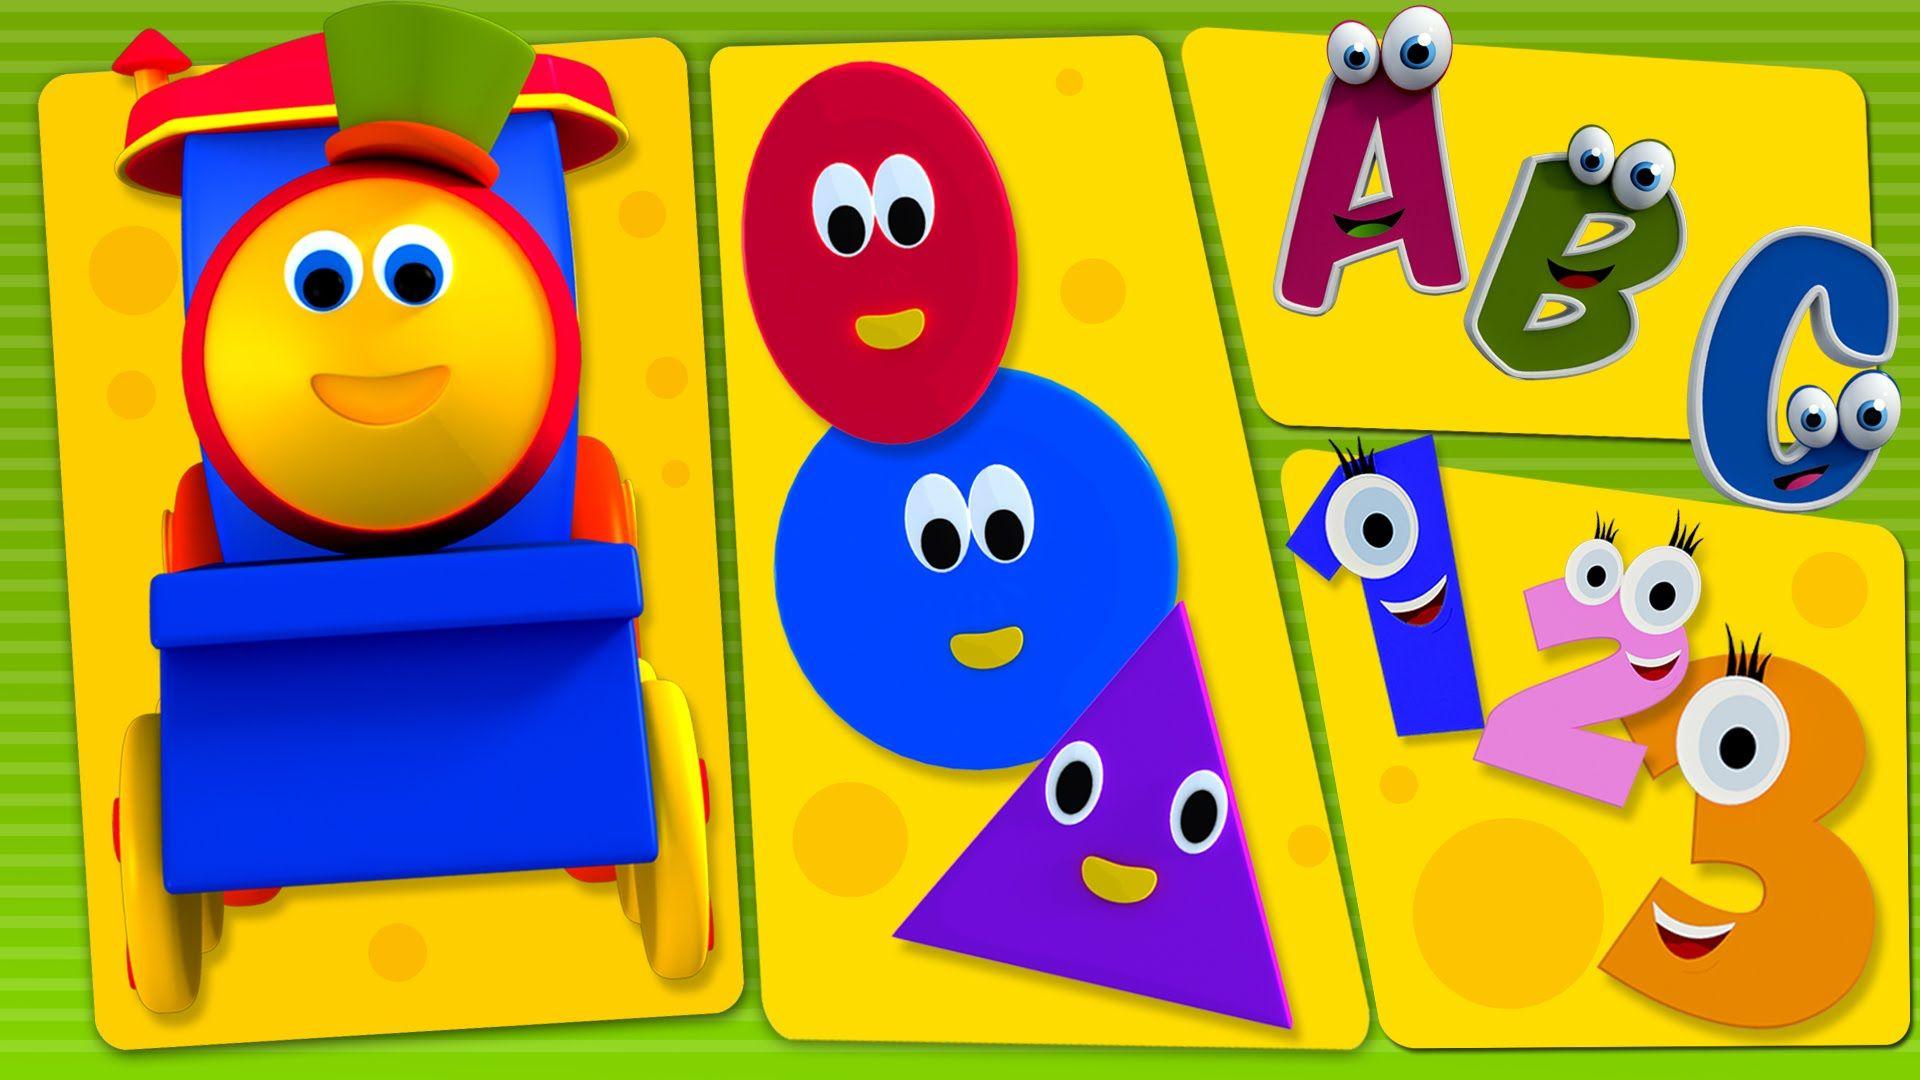 Bob The Train Bob And Preschool Phonics Song Abc Song Numbers Song Shapes Song Colors Song Preschool Phonics Phonics Song Kids Nursery Rhymes